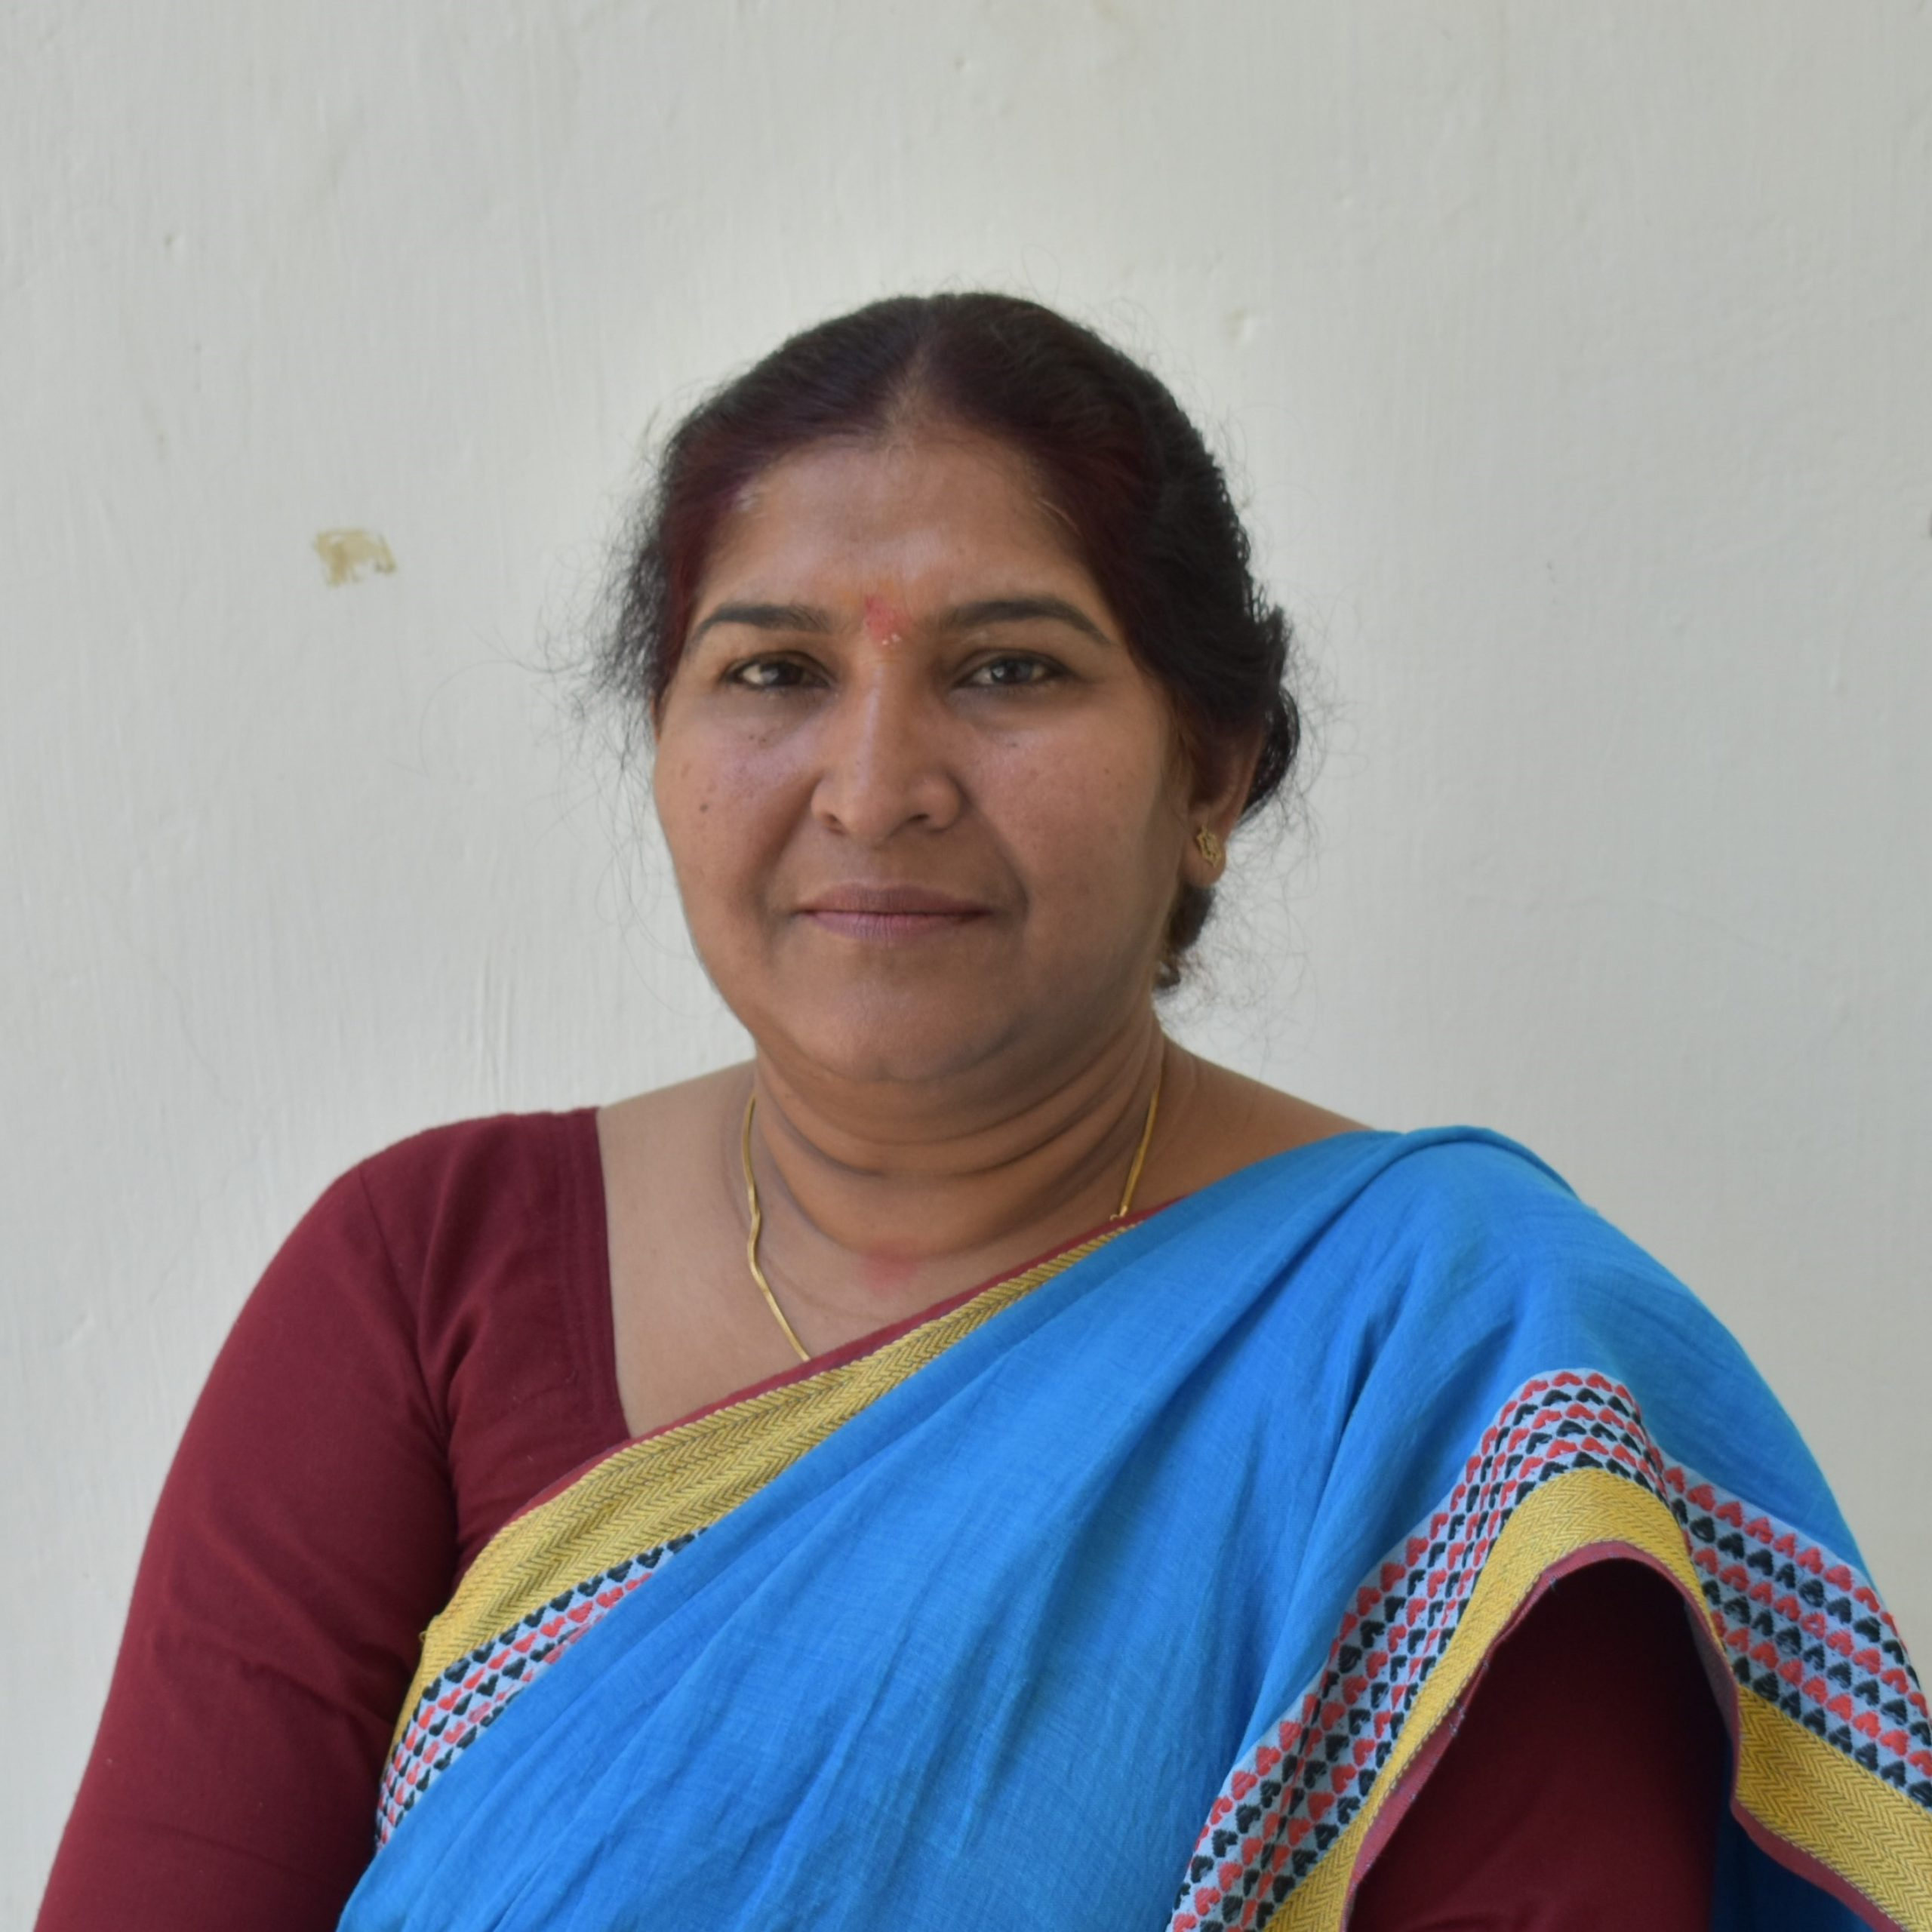 Dr. Ranjan G. Patel